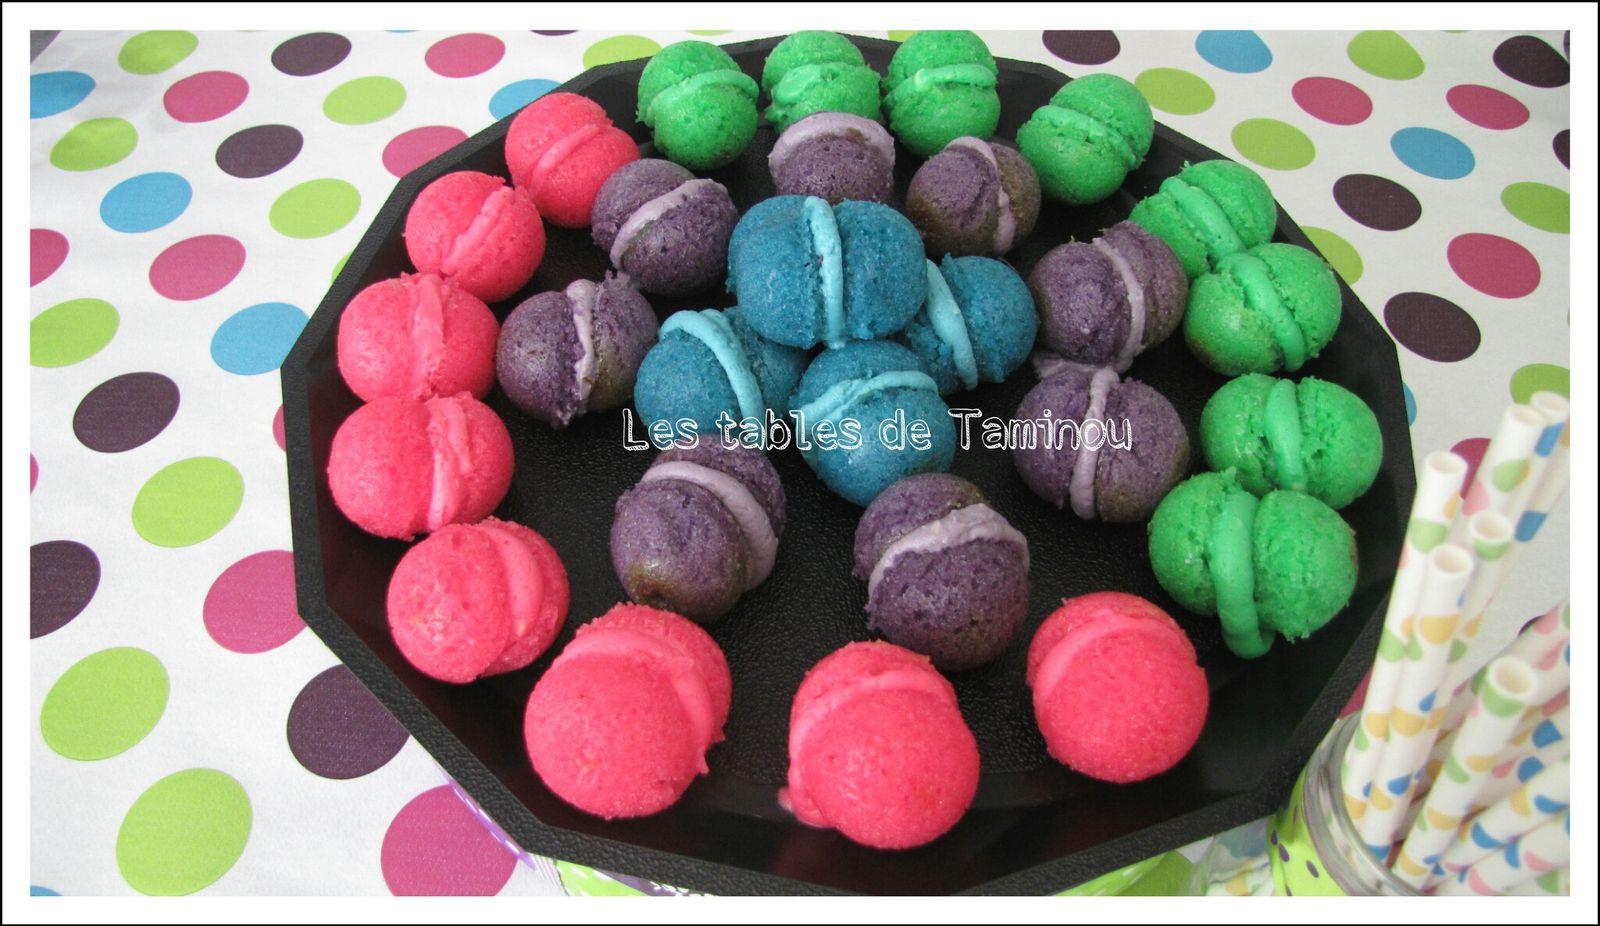 Base de gâteau au yaourt, vous divisez en 4 parties + colorant alimentaire rose/bleu/violet/vert + crème au beurre + les 4 colorant.